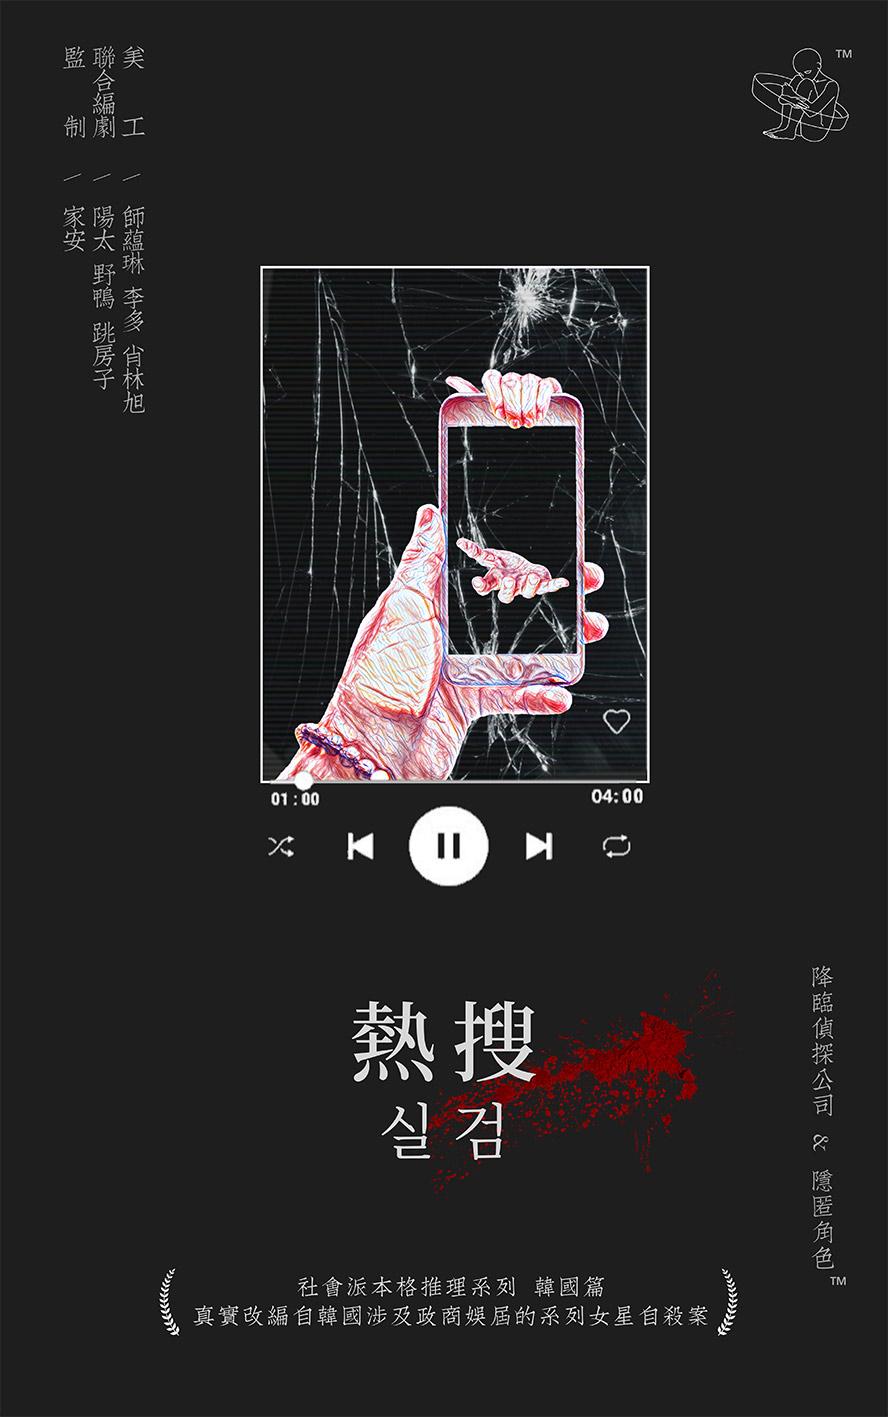 『热搜』剧本杀复盘凶手真相解析